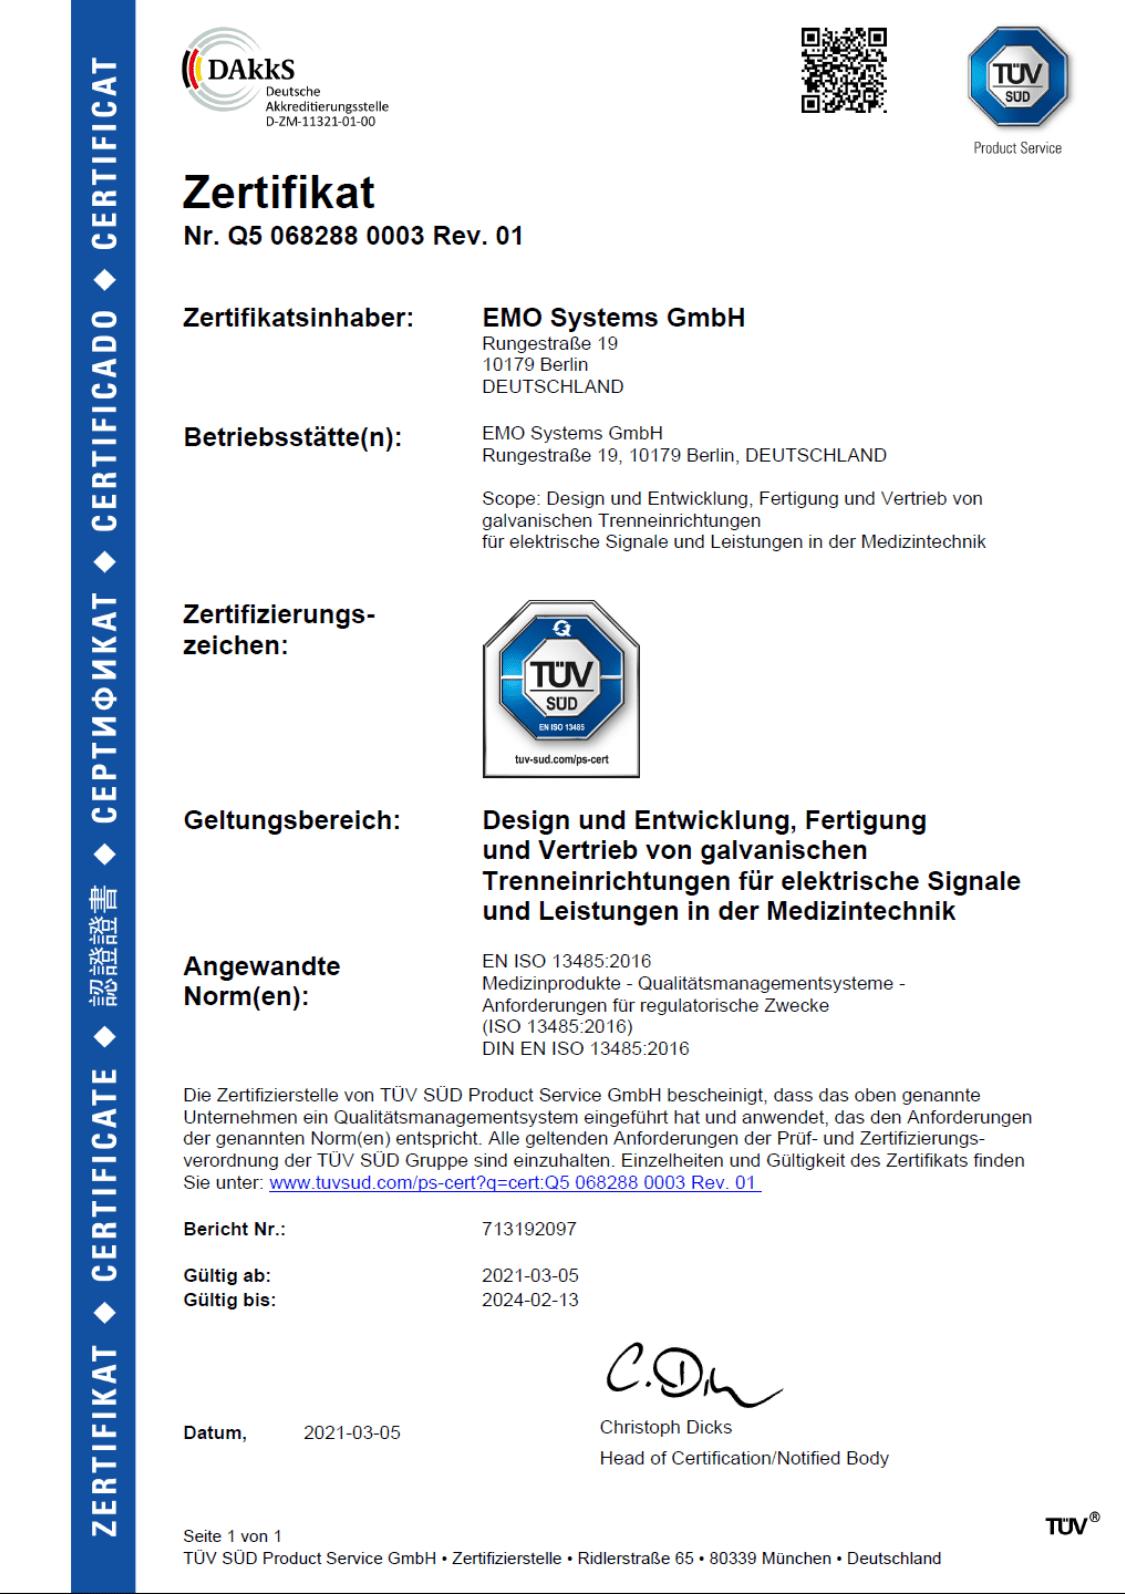 TÜV Zertifikat DIN EN ISO 13485